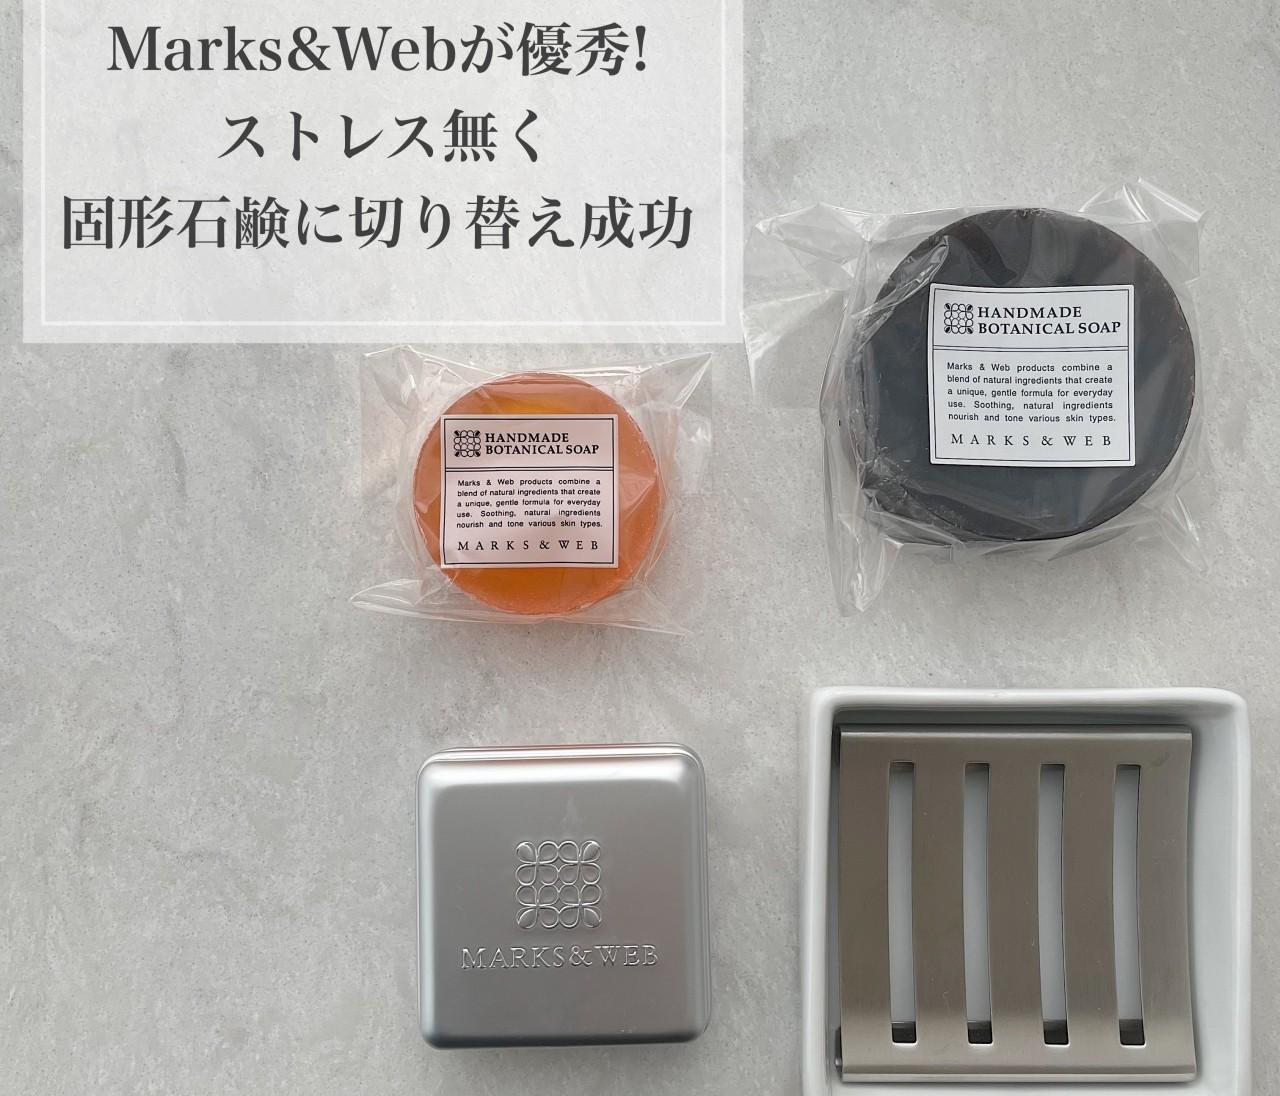 【楽エコ】Marks&Webの固形ソープがとにかくストレスフリー◎